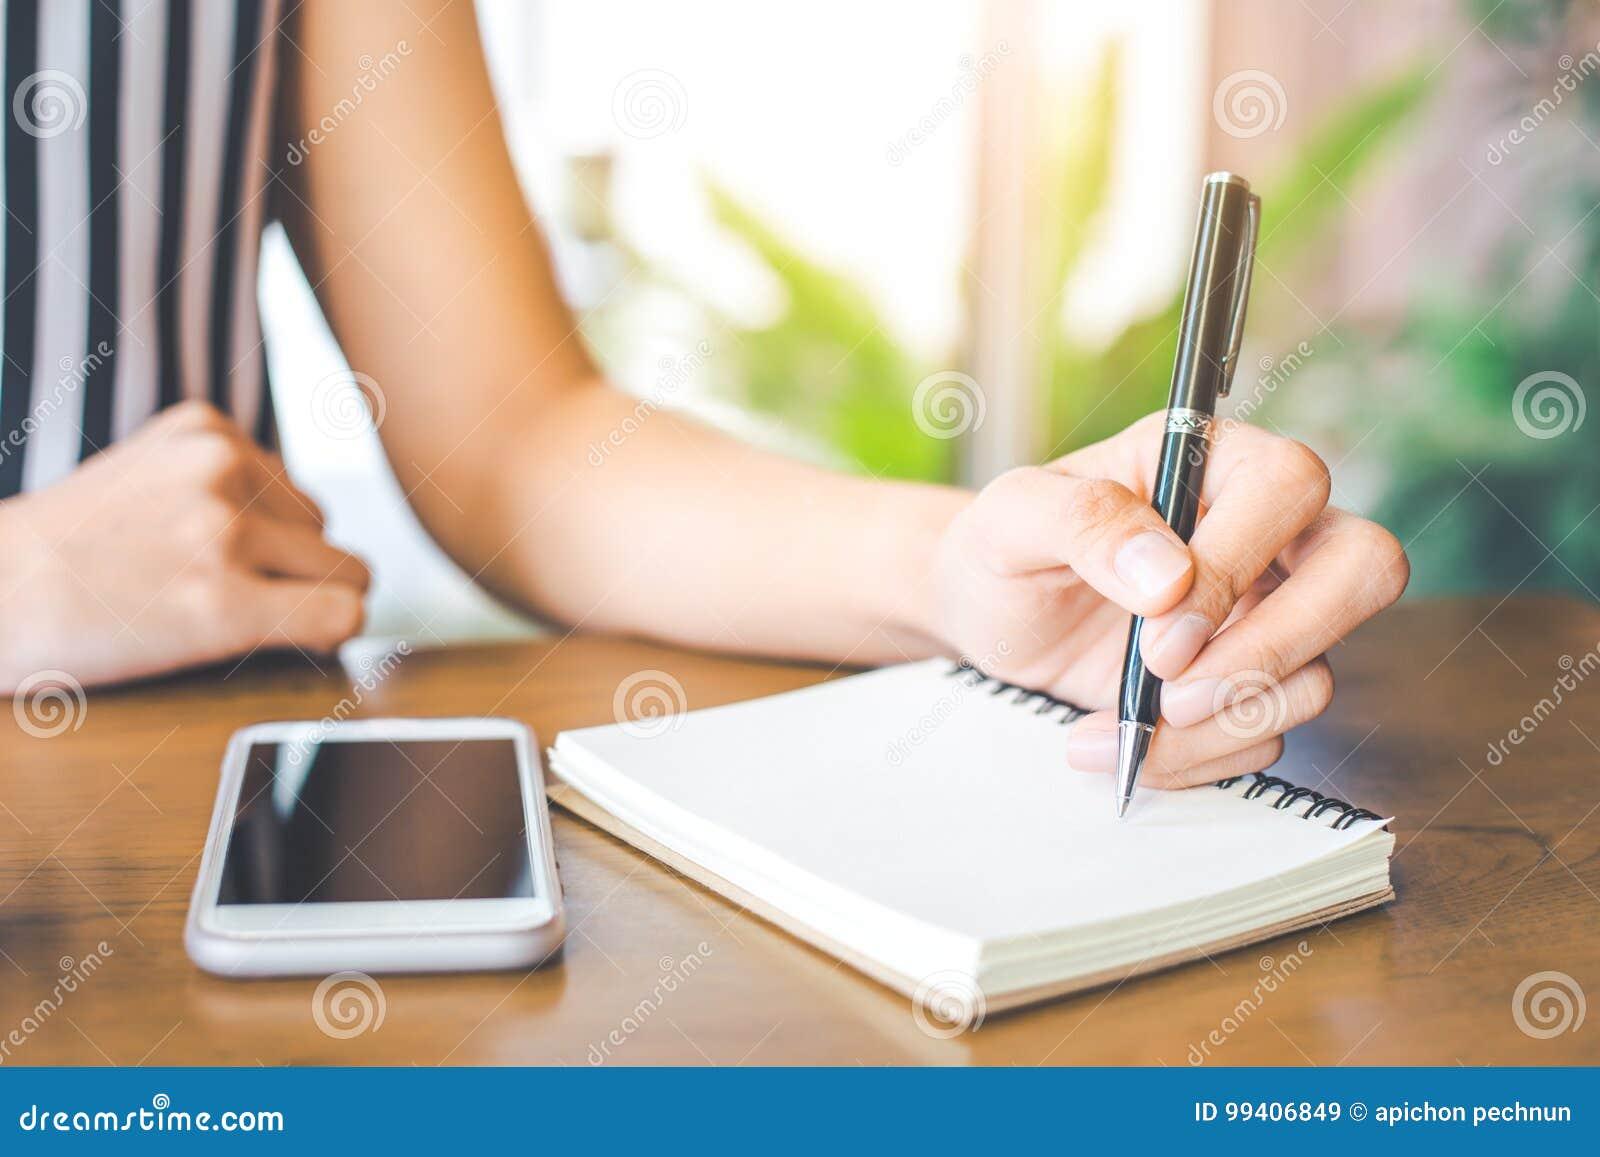 Scrivendo un profilo di appuntamenti per una donna